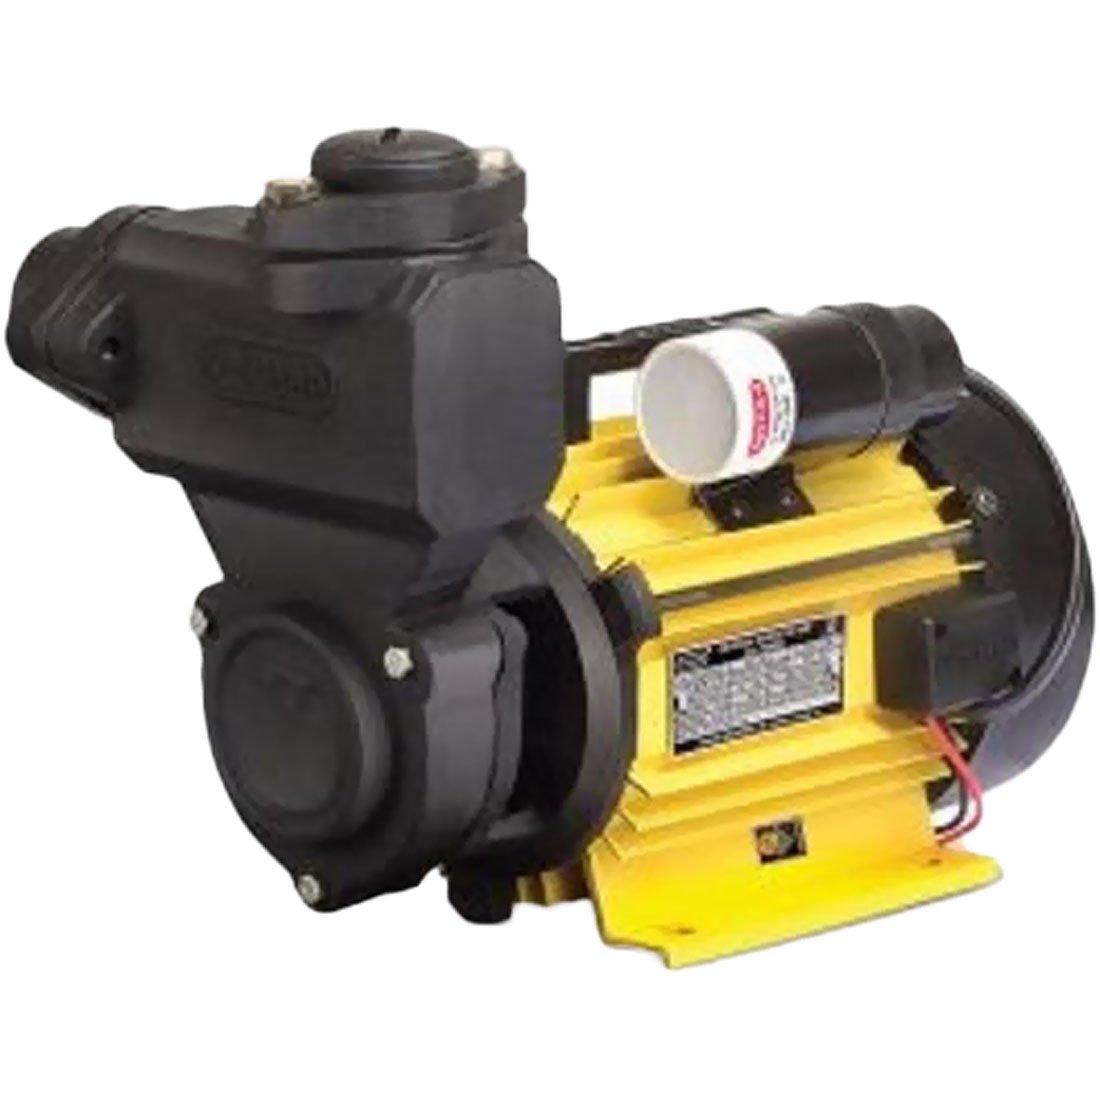 V-Guard Cast Iron 1 Hp Self Priming Water Pump (Multicolour)